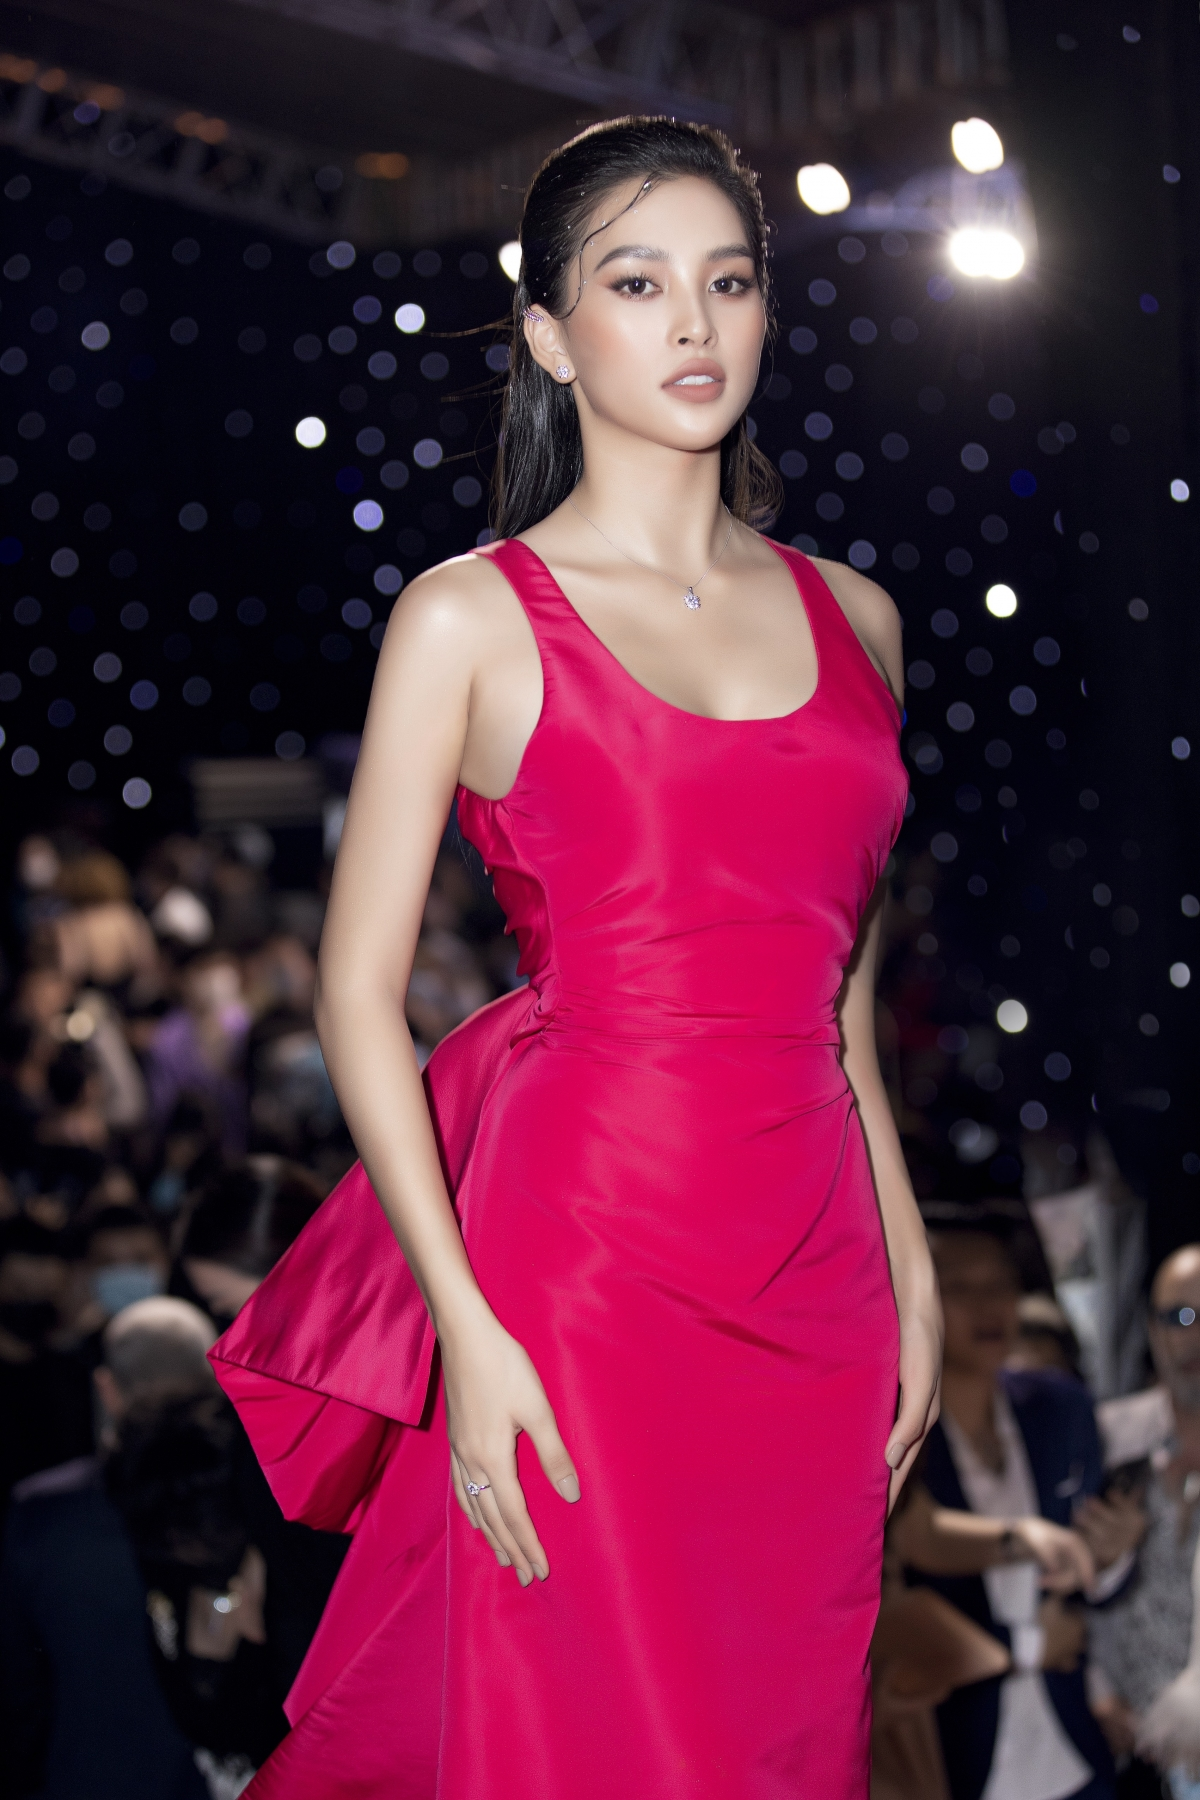 Mặc dù đã chính thức khép lại nhiệm kỳ nhưng Tiểu Vy vẫn là tâm điểm chú ý khi sải bước giữa thảm đỏ sự kiện. Trong sắc hồng lộng lẫy, nàng hậu xứ Quảng tự tin khoe vẻ đẹp rạng rỡ đầy gợi cảm ở tuổi 20.